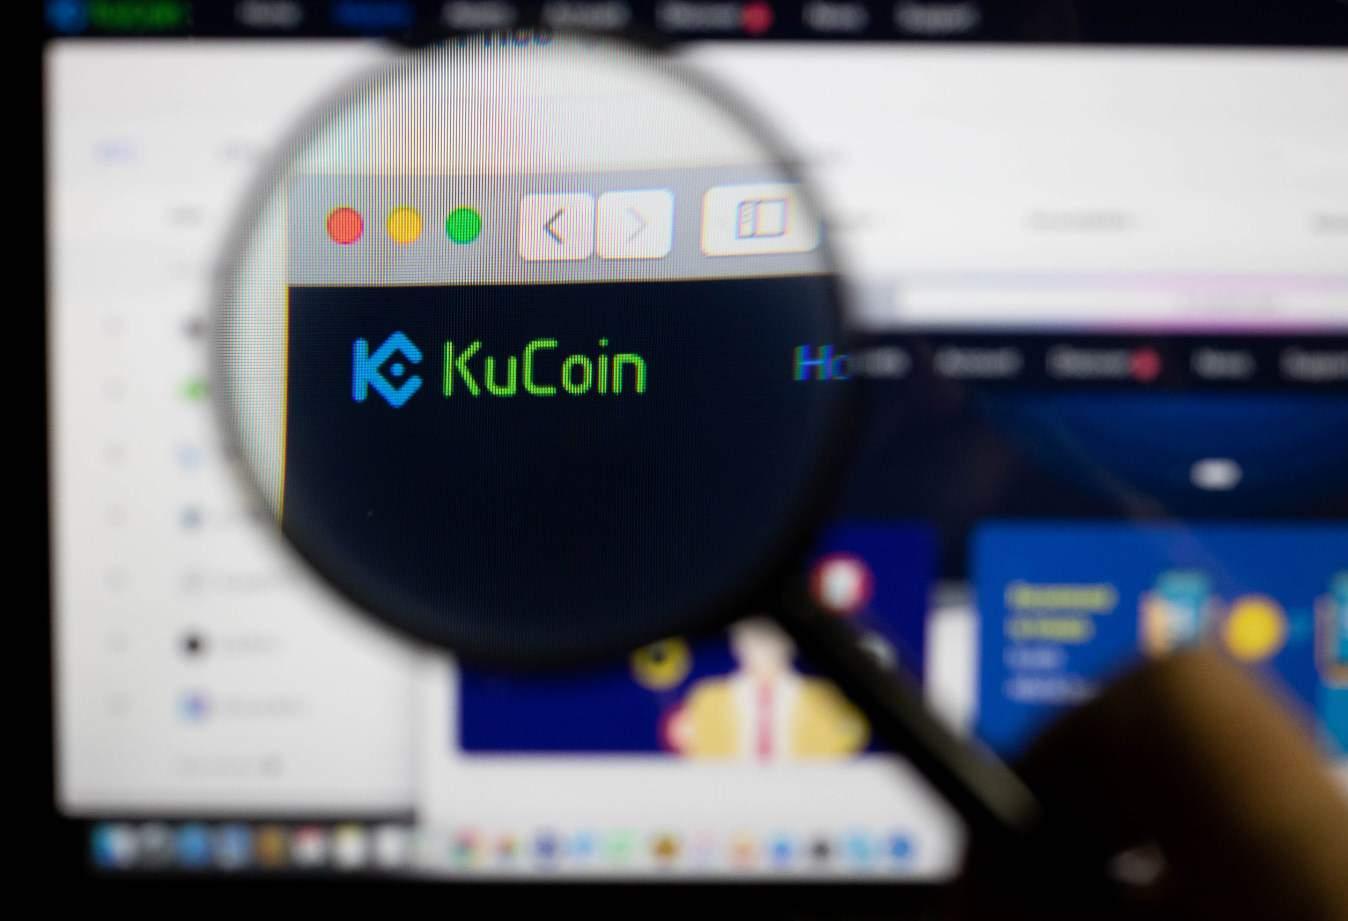 Conto KuCoin